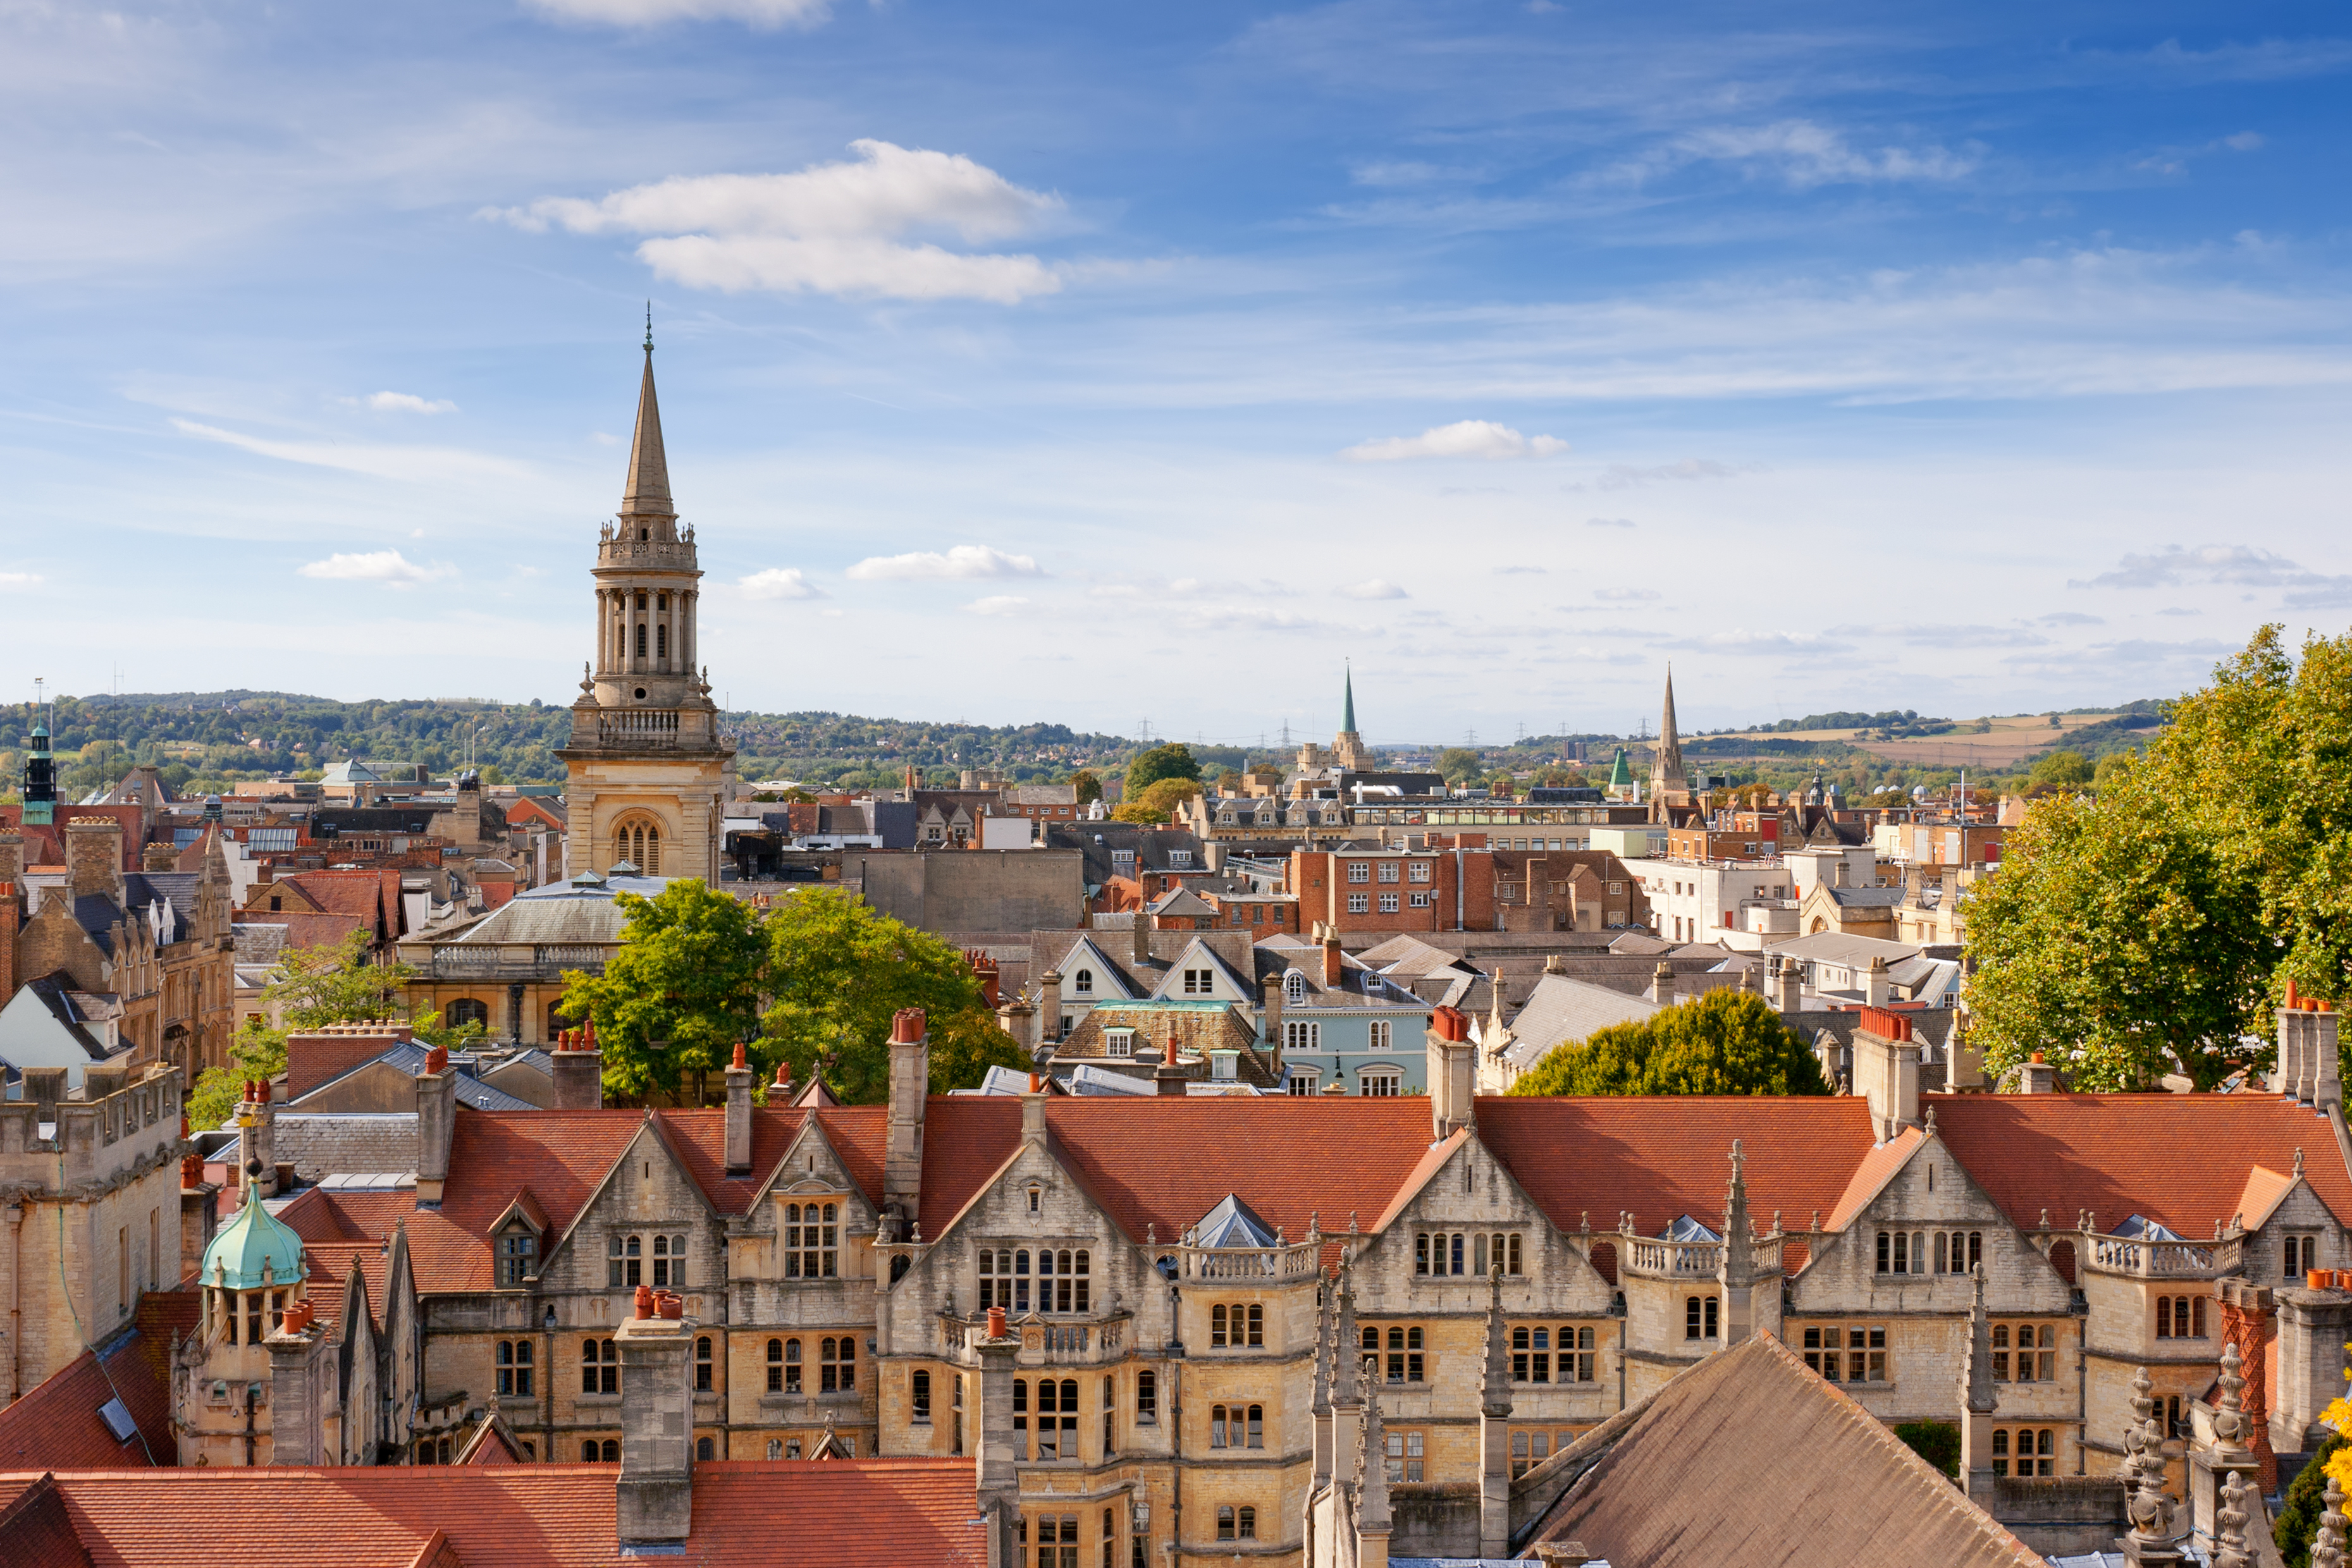 Oxford. UK